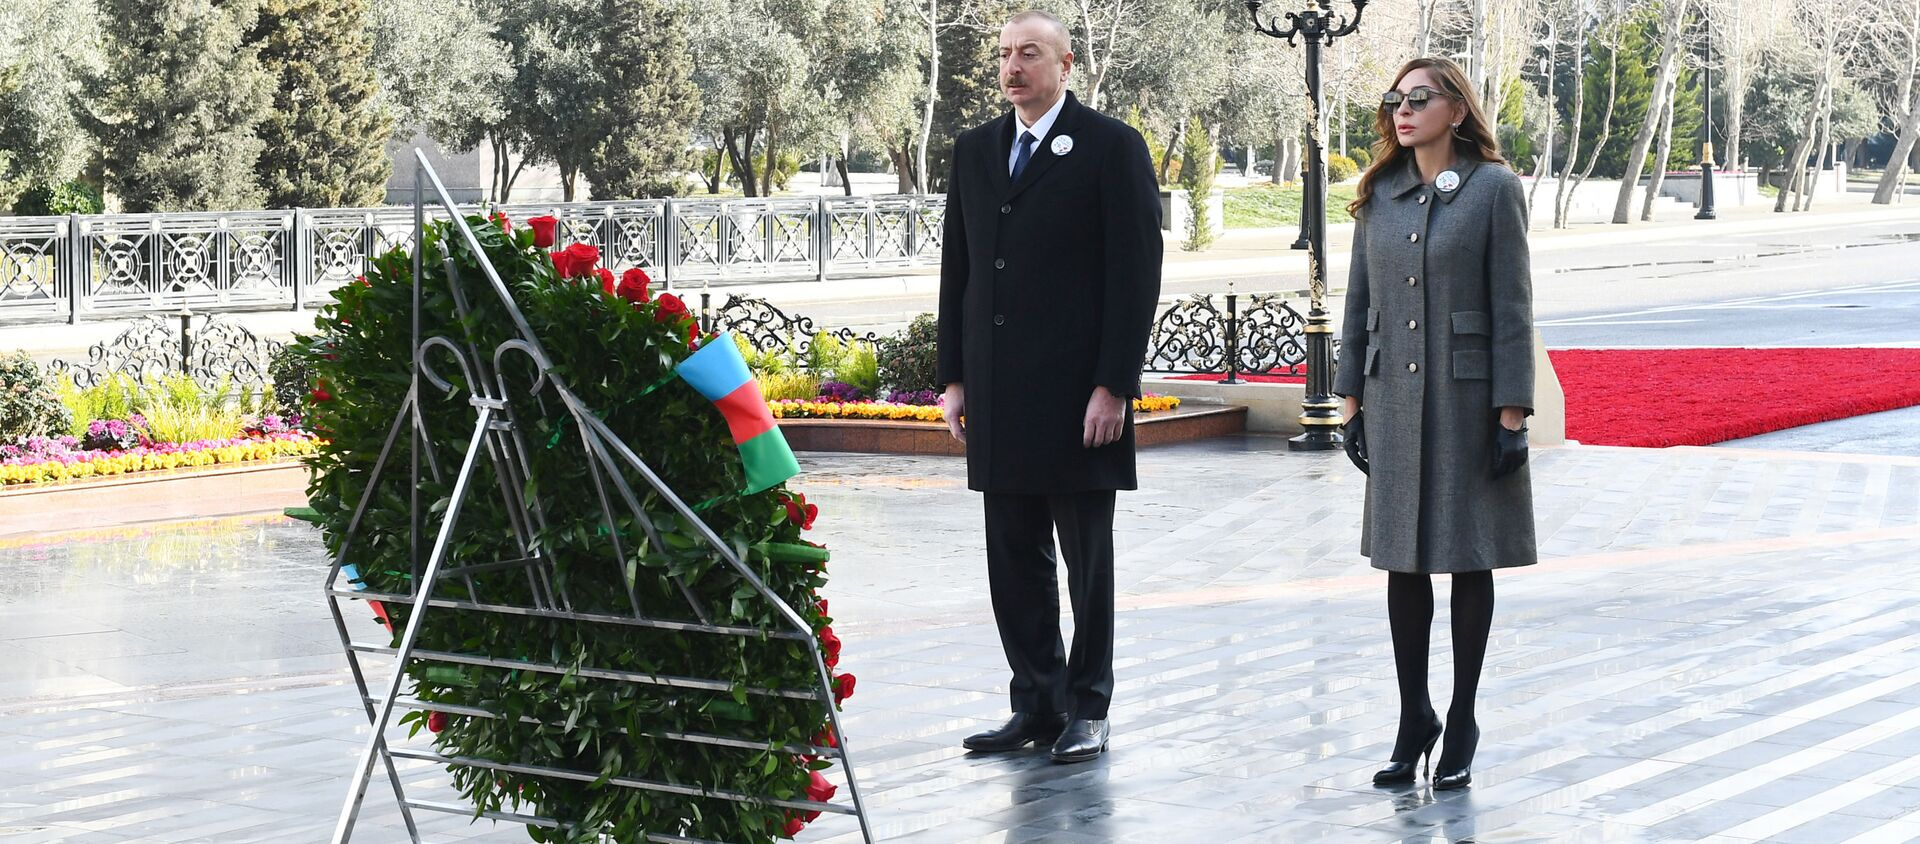 Президент Азербайджанской Республики Ильхам Алиев и первая леди Мехрибан Алиева в связи с 29-й годовщиной Ходжалинского геноцидаа, посетили памятник в память о жертвах трагедии. - Sputnik Азербайджан, 1920, 26.02.2021